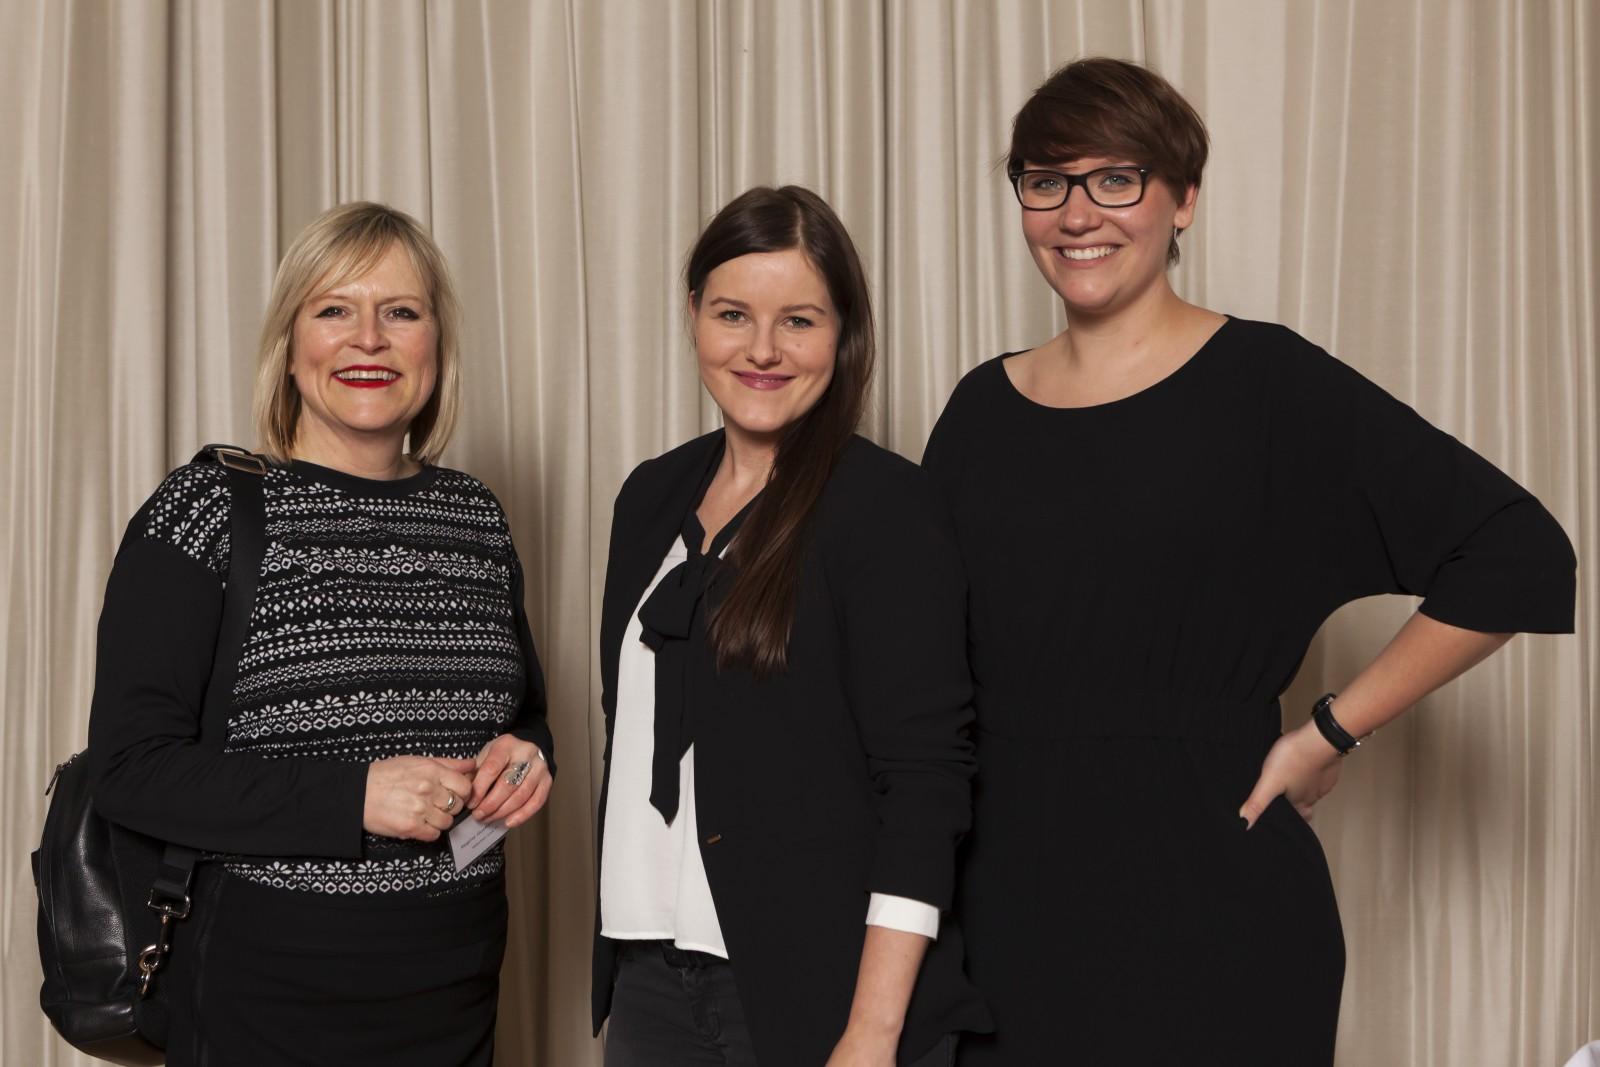 Regine Guckelsberger, München TV; Pia Landgrebe, Condé Nast Verlag; Annemarie Salewski, Condé Nast Verlag